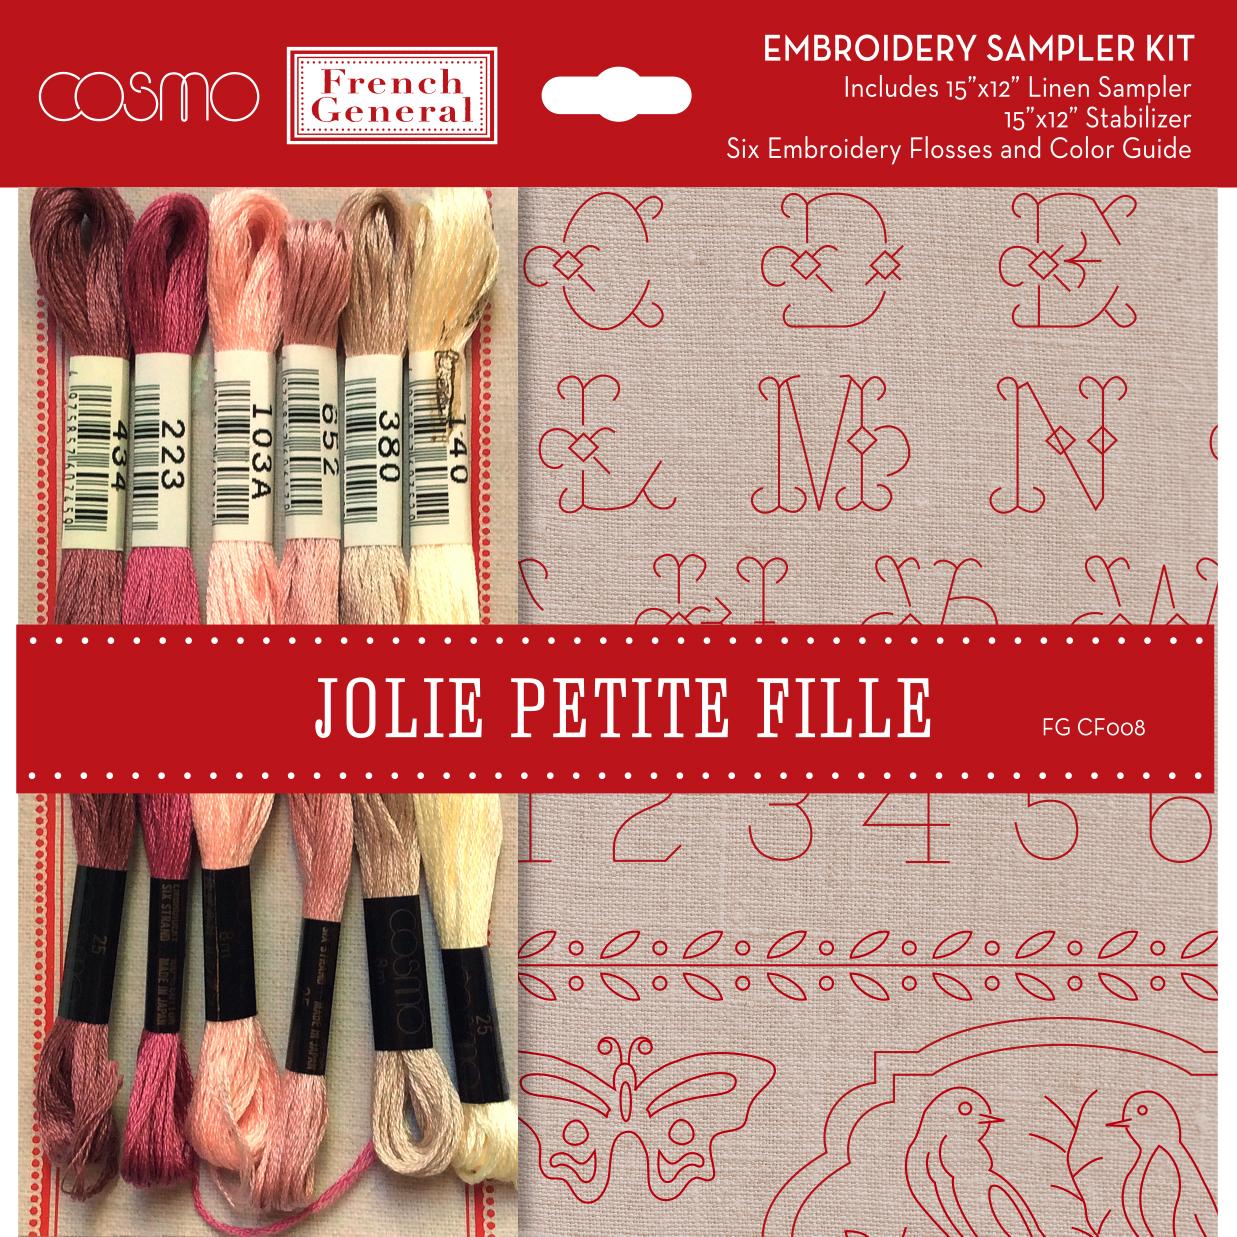 Jolie Petite Fille 15 x 12 kit FG CF 008